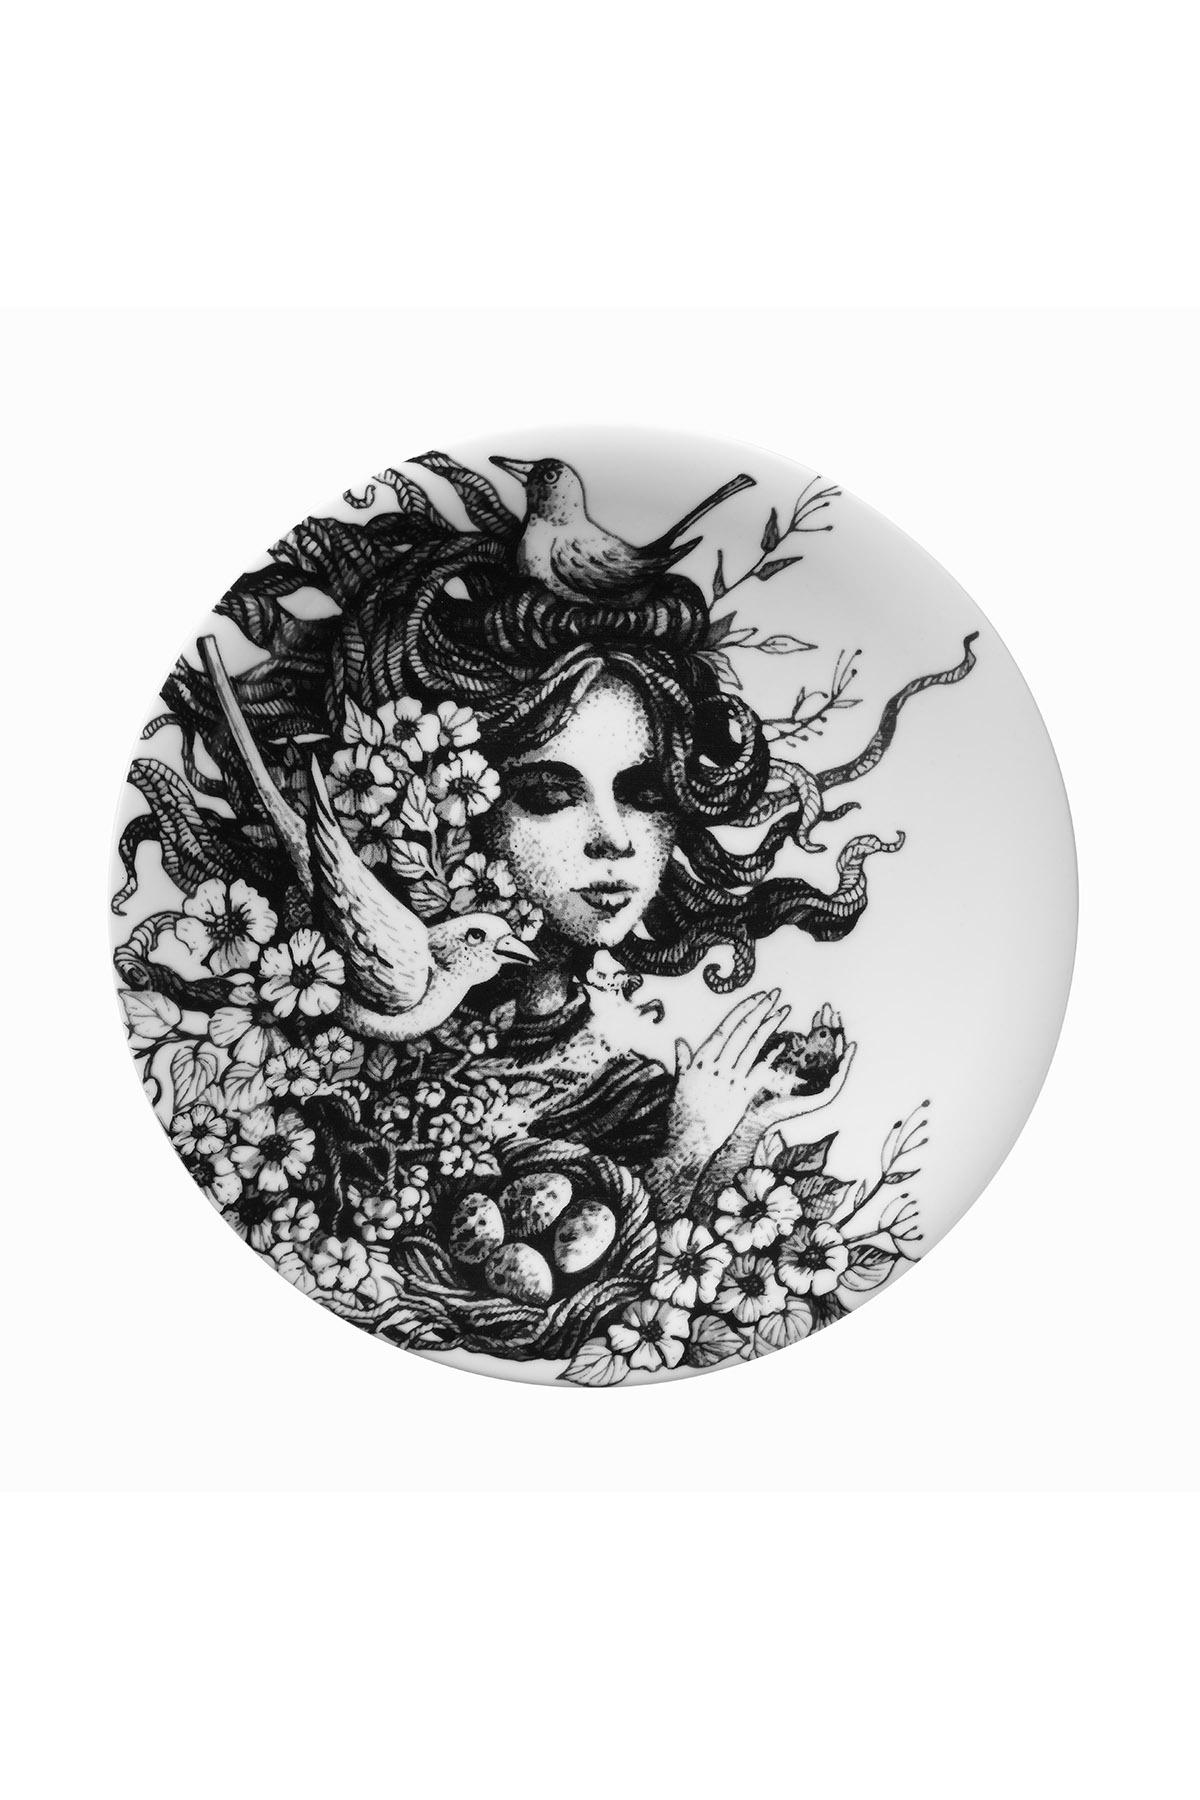 Kütahya Porselen - Kütahya Porselen Kadınlarım Serisi 25 cm Servis Tabağı 885179